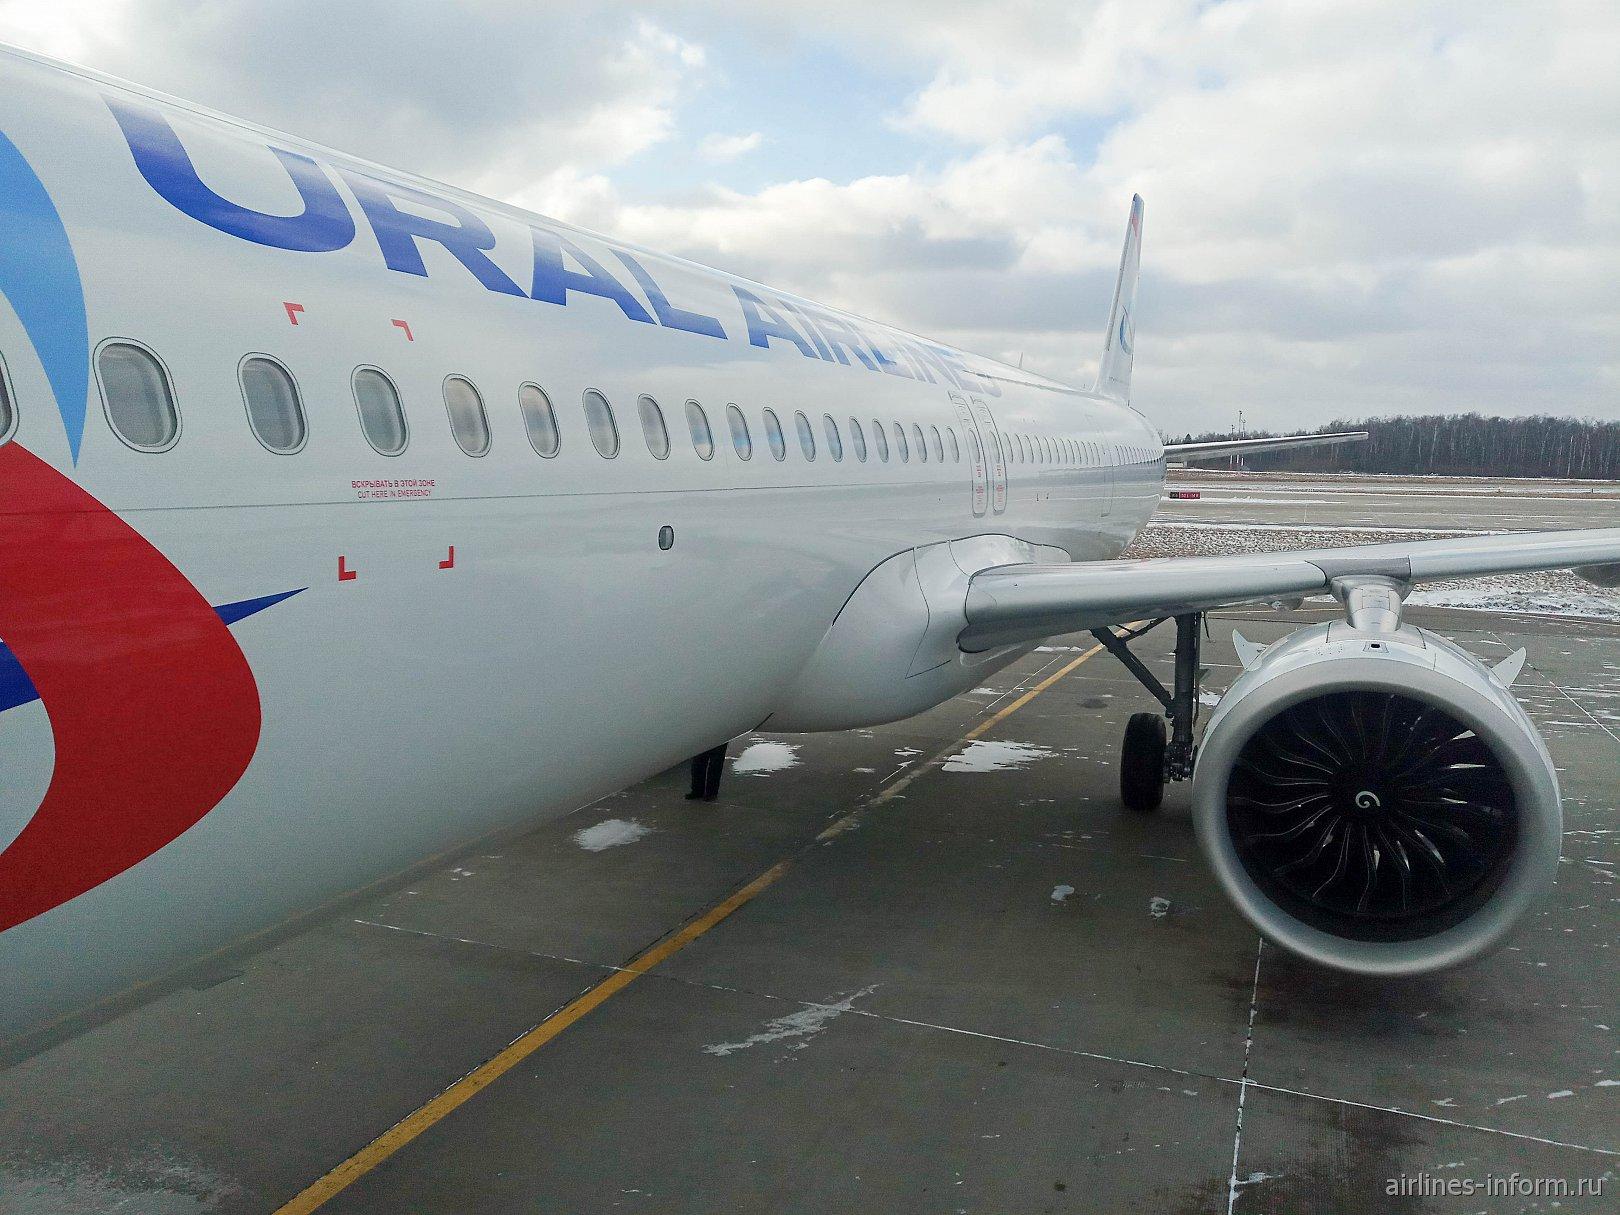 Москва-Сочи, Уральские Авиалинии, Airbus A321-251NX, VP-BOP